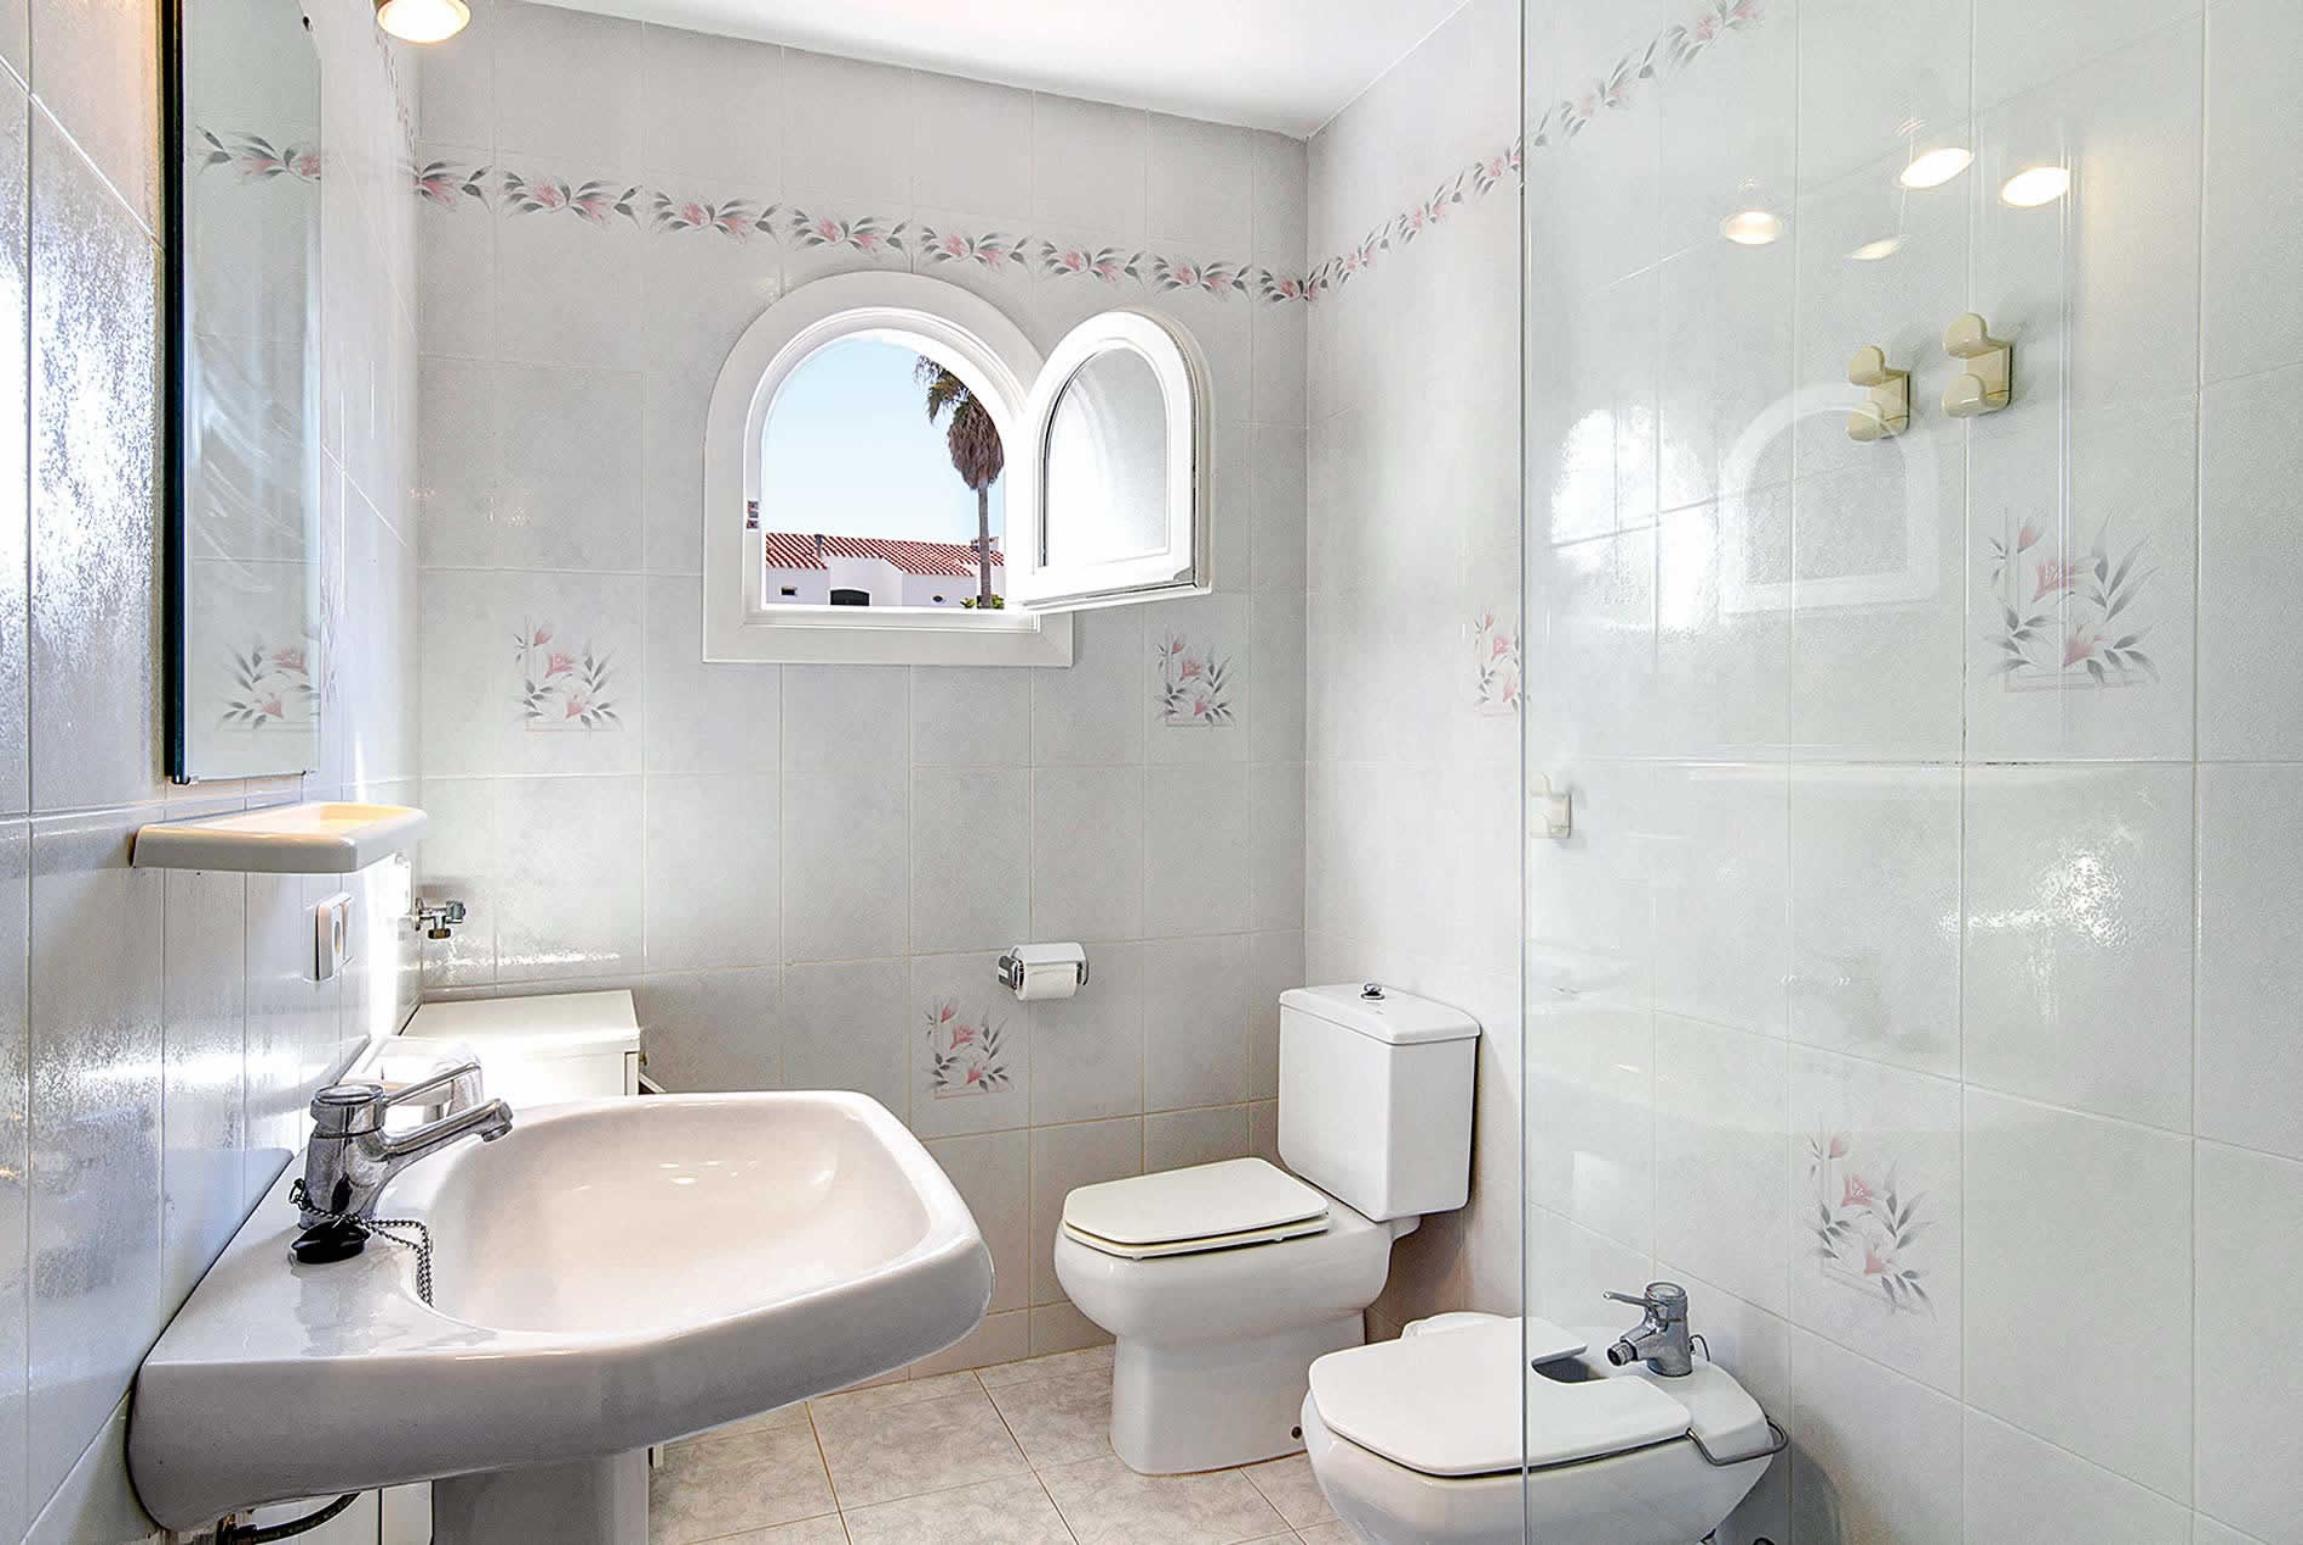 Ferienhaus Cel I Mar (2654314), Arenal De'N Castell, Menorca, Balearische Inseln, Spanien, Bild 11